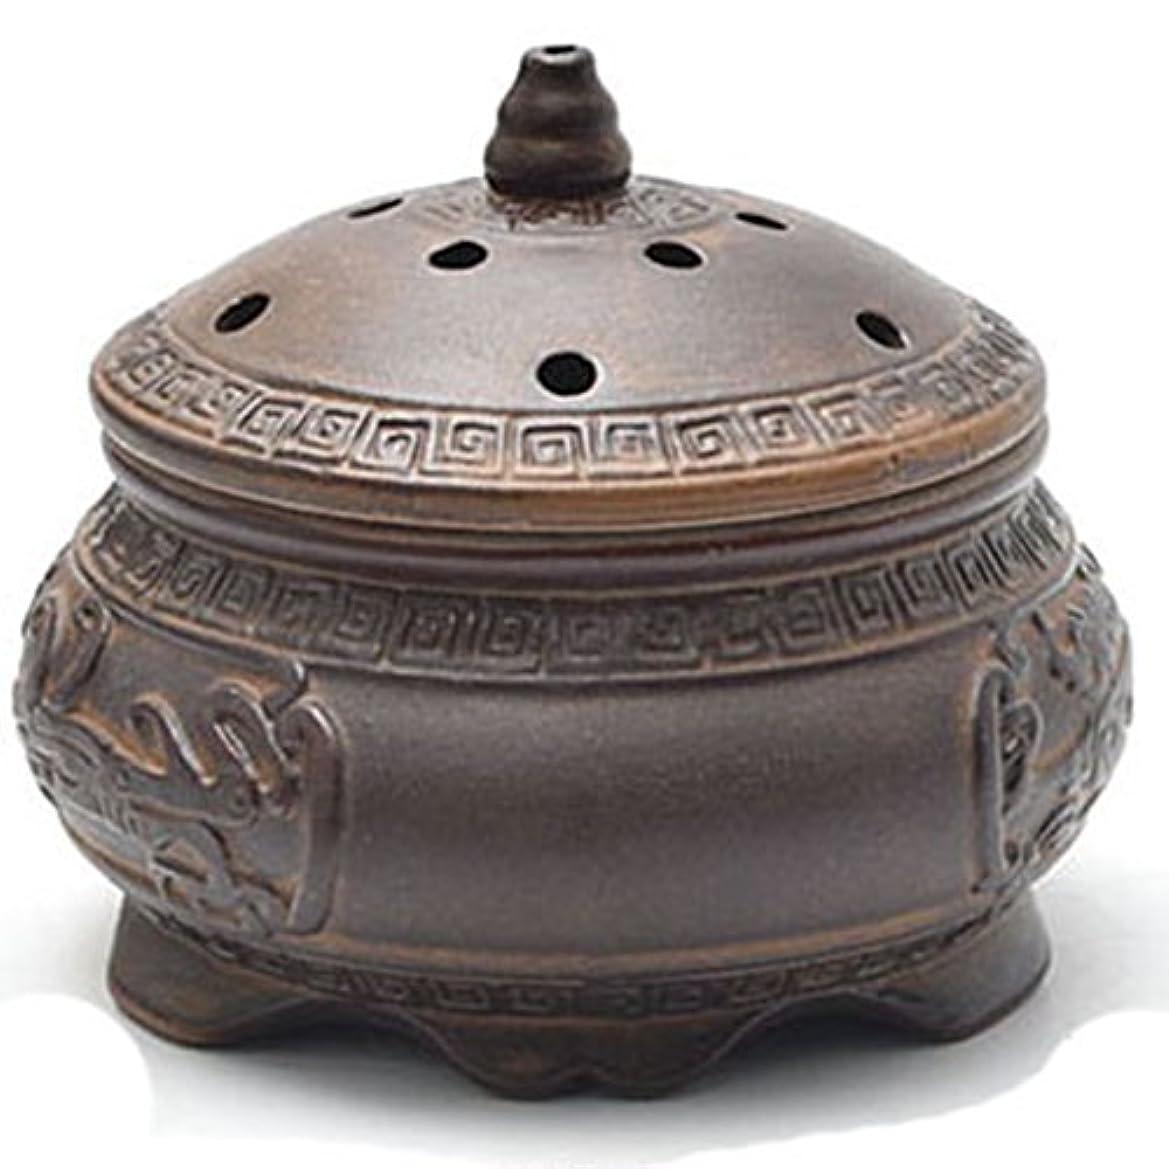 病旅客タブレット(ラシューバー) Lasuiveur 香炉 線香立て 香立て 職人さんの手作り 茶道用品 おしゃれ